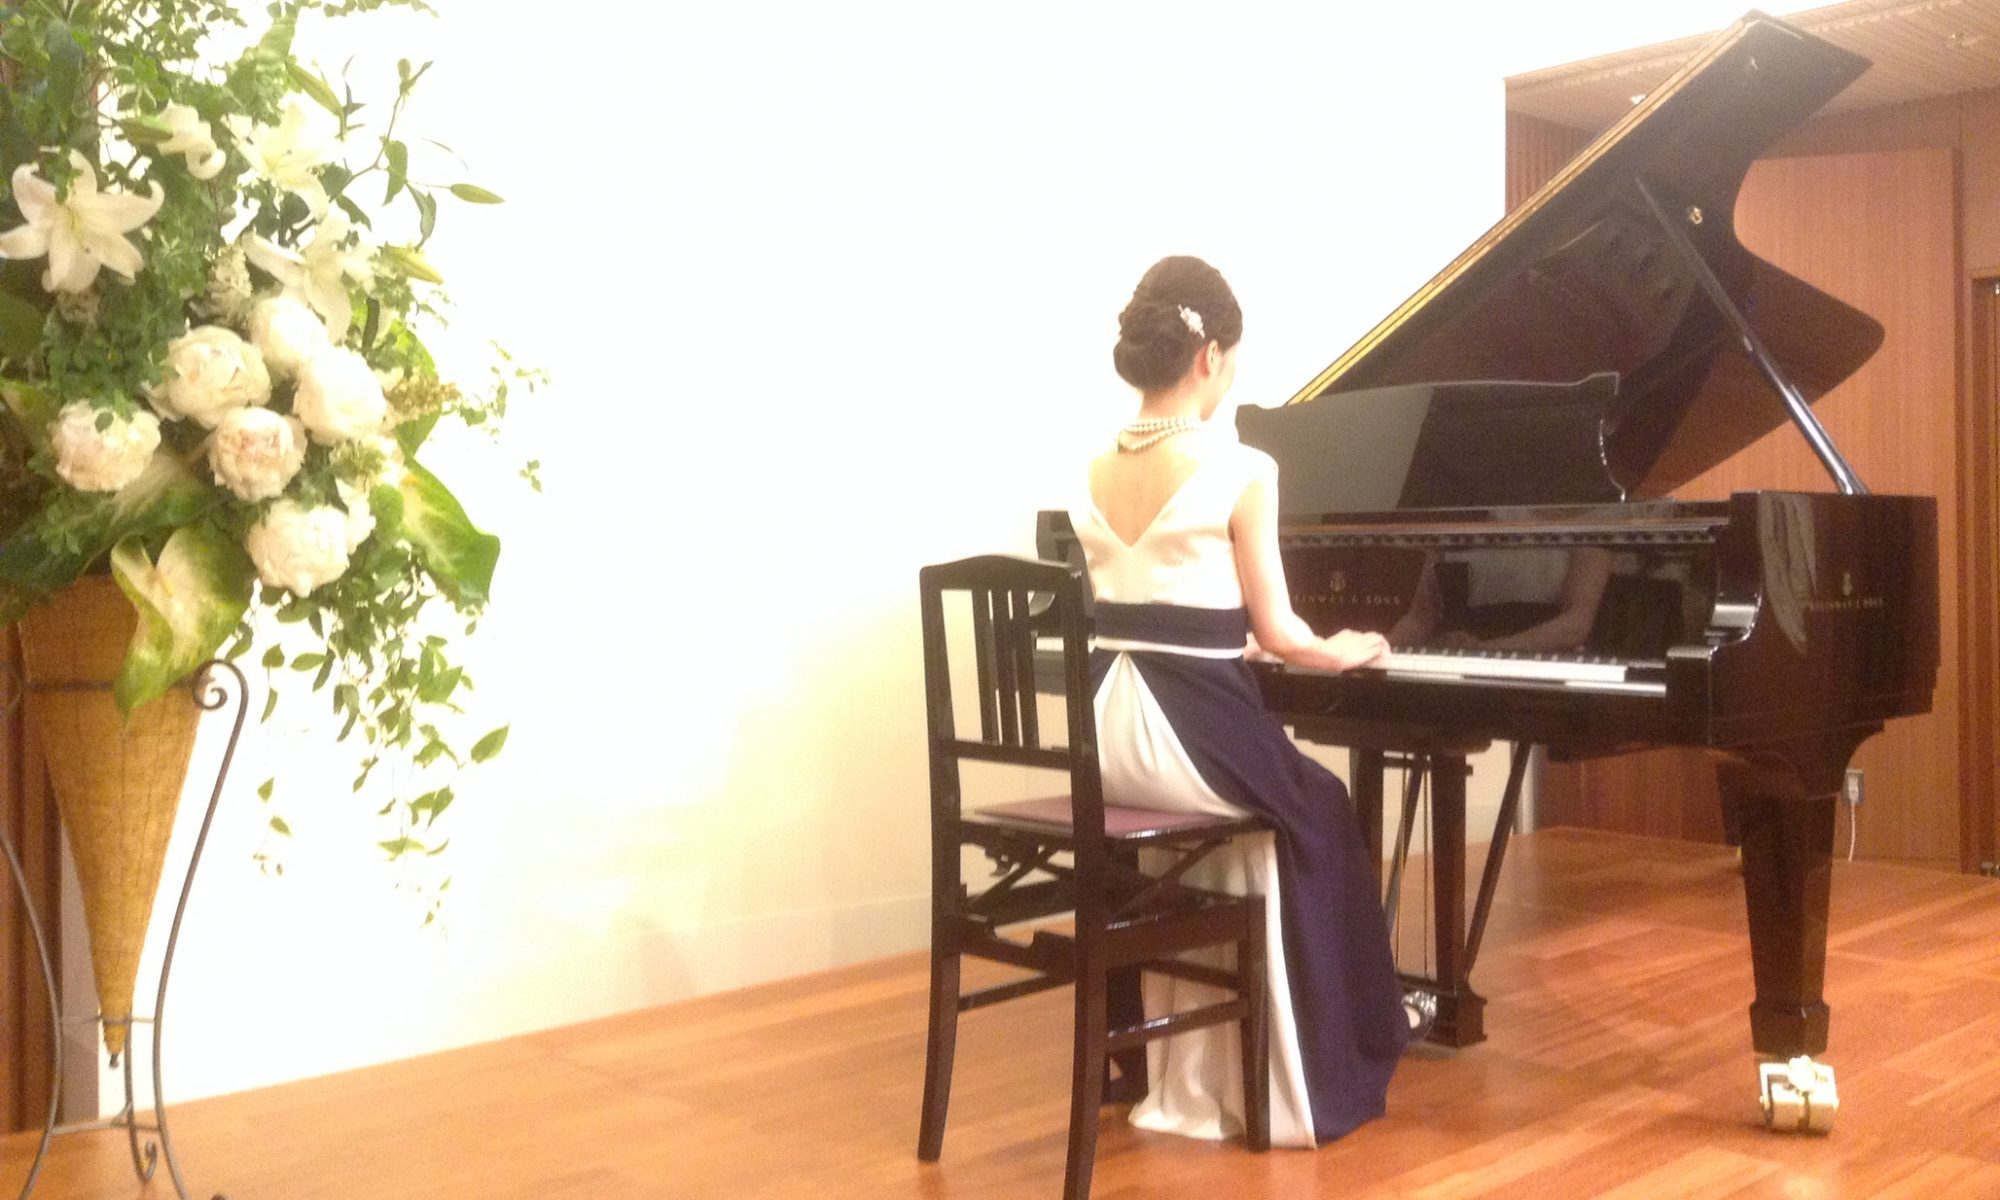 大人のピアノ教室|エムプラスピアノ教室|池袋 銀座 東京